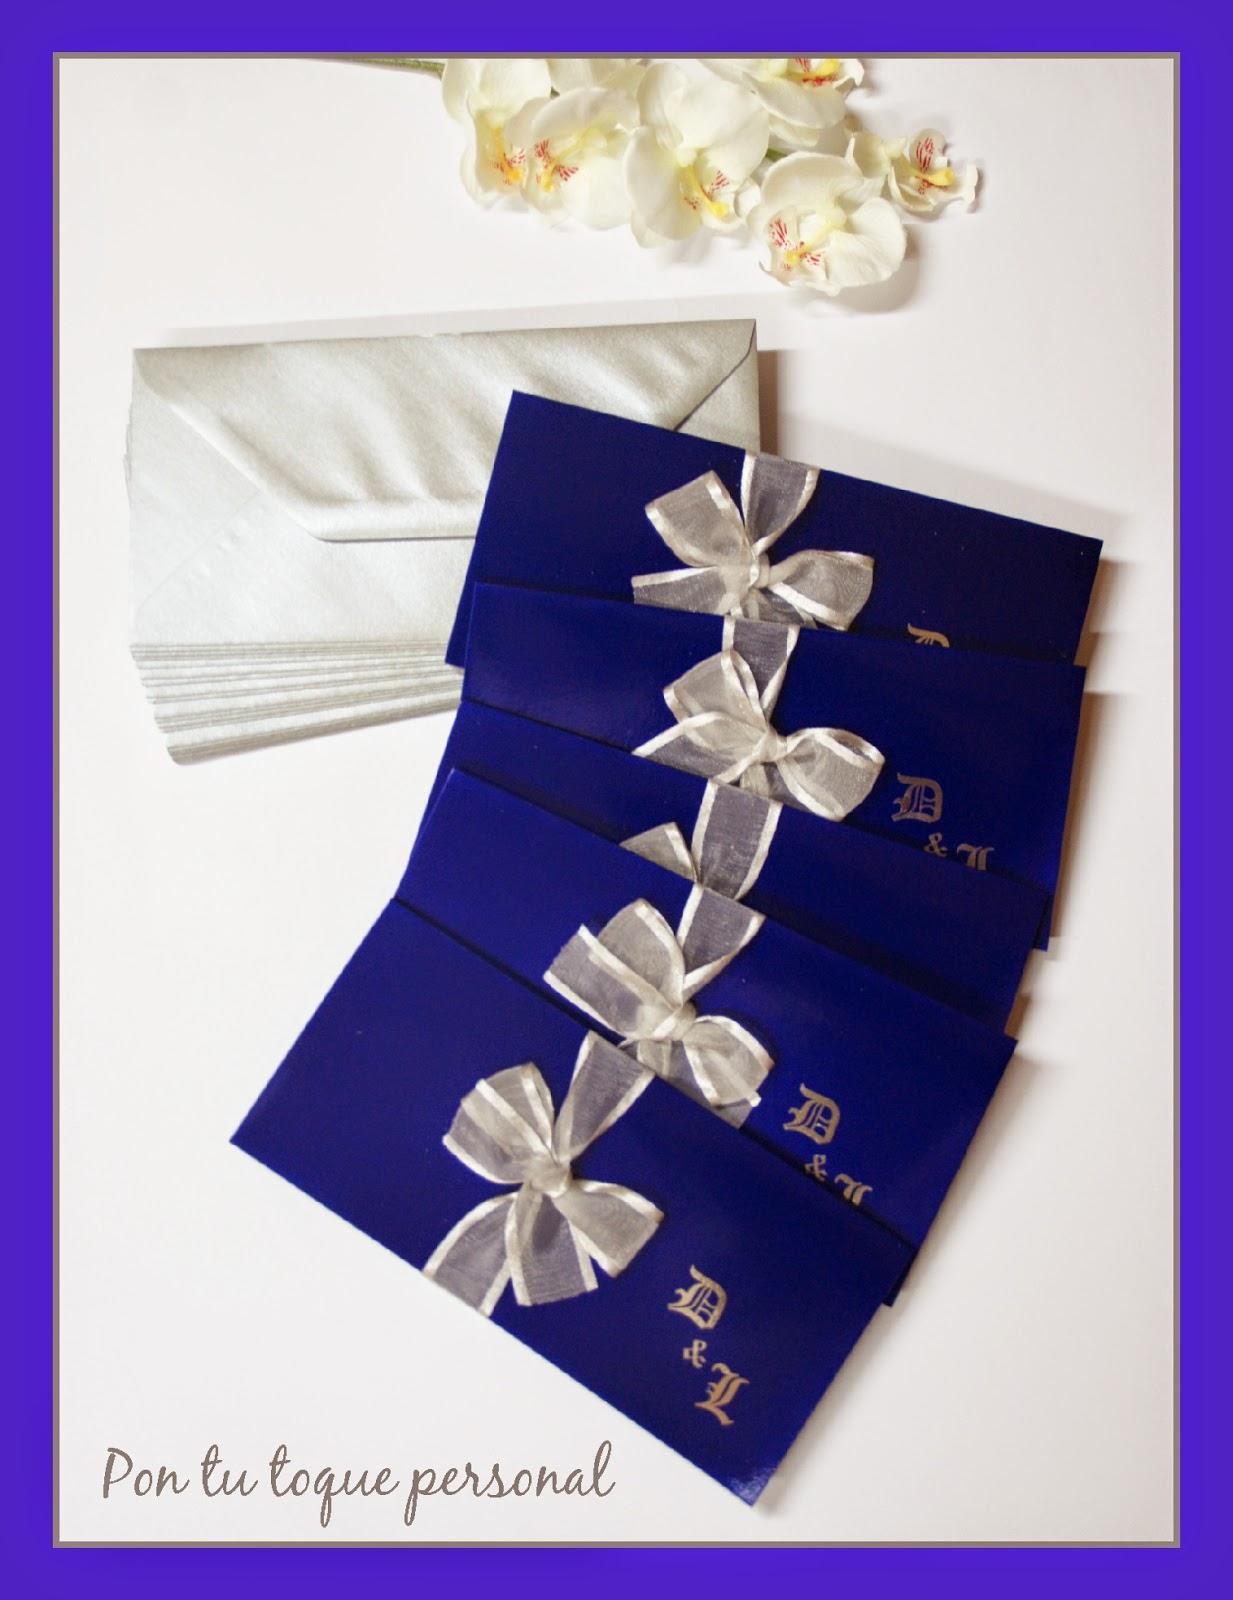 Pon tu toque personal invitaci n para una boda de cuento - Decoraciones en color plata ...